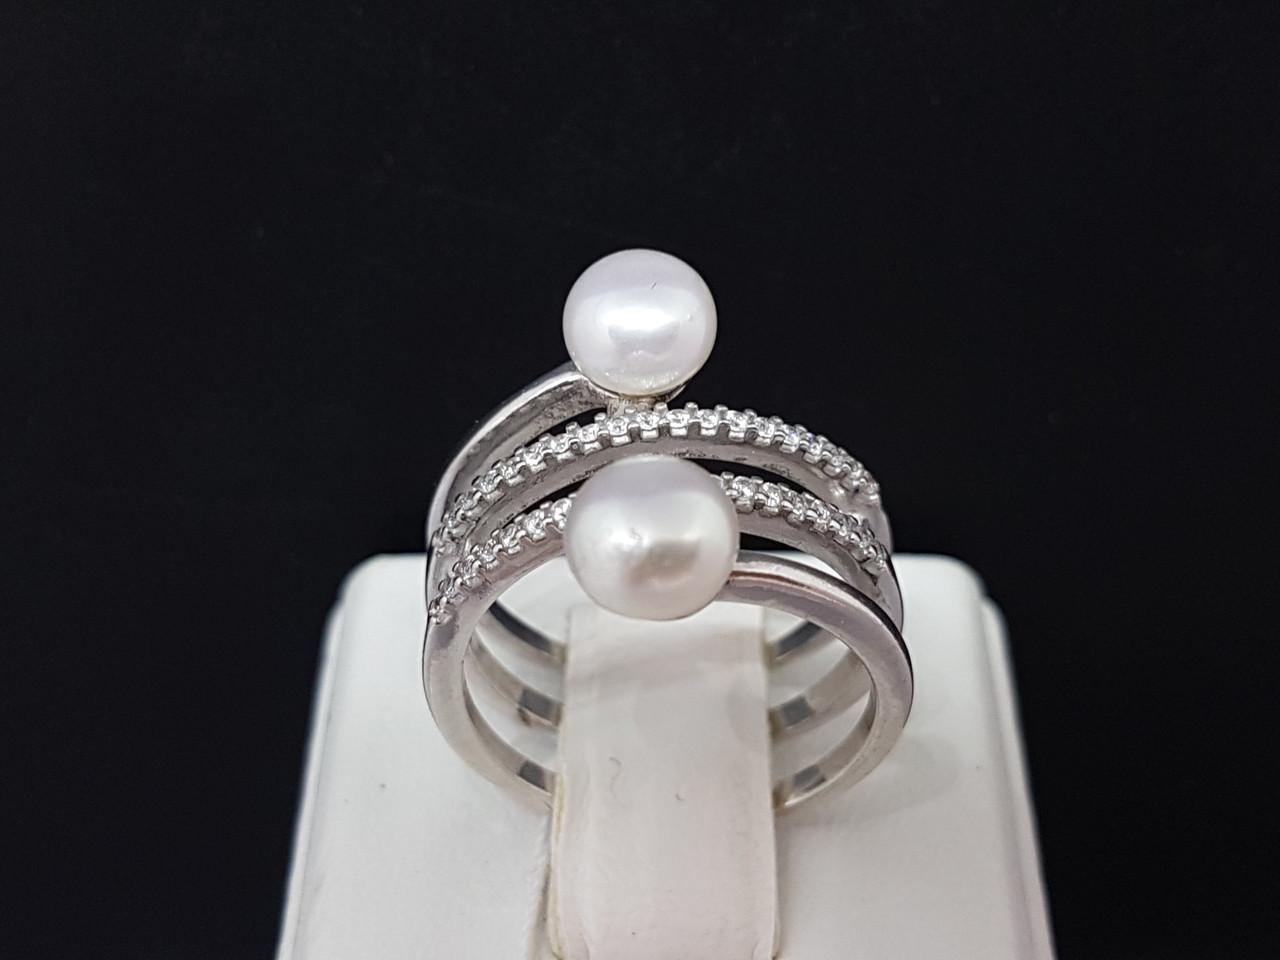 Срібне кільце Інферно з перлами і фіанітами. Артикул 1375/1Р-PWT 16,5 17